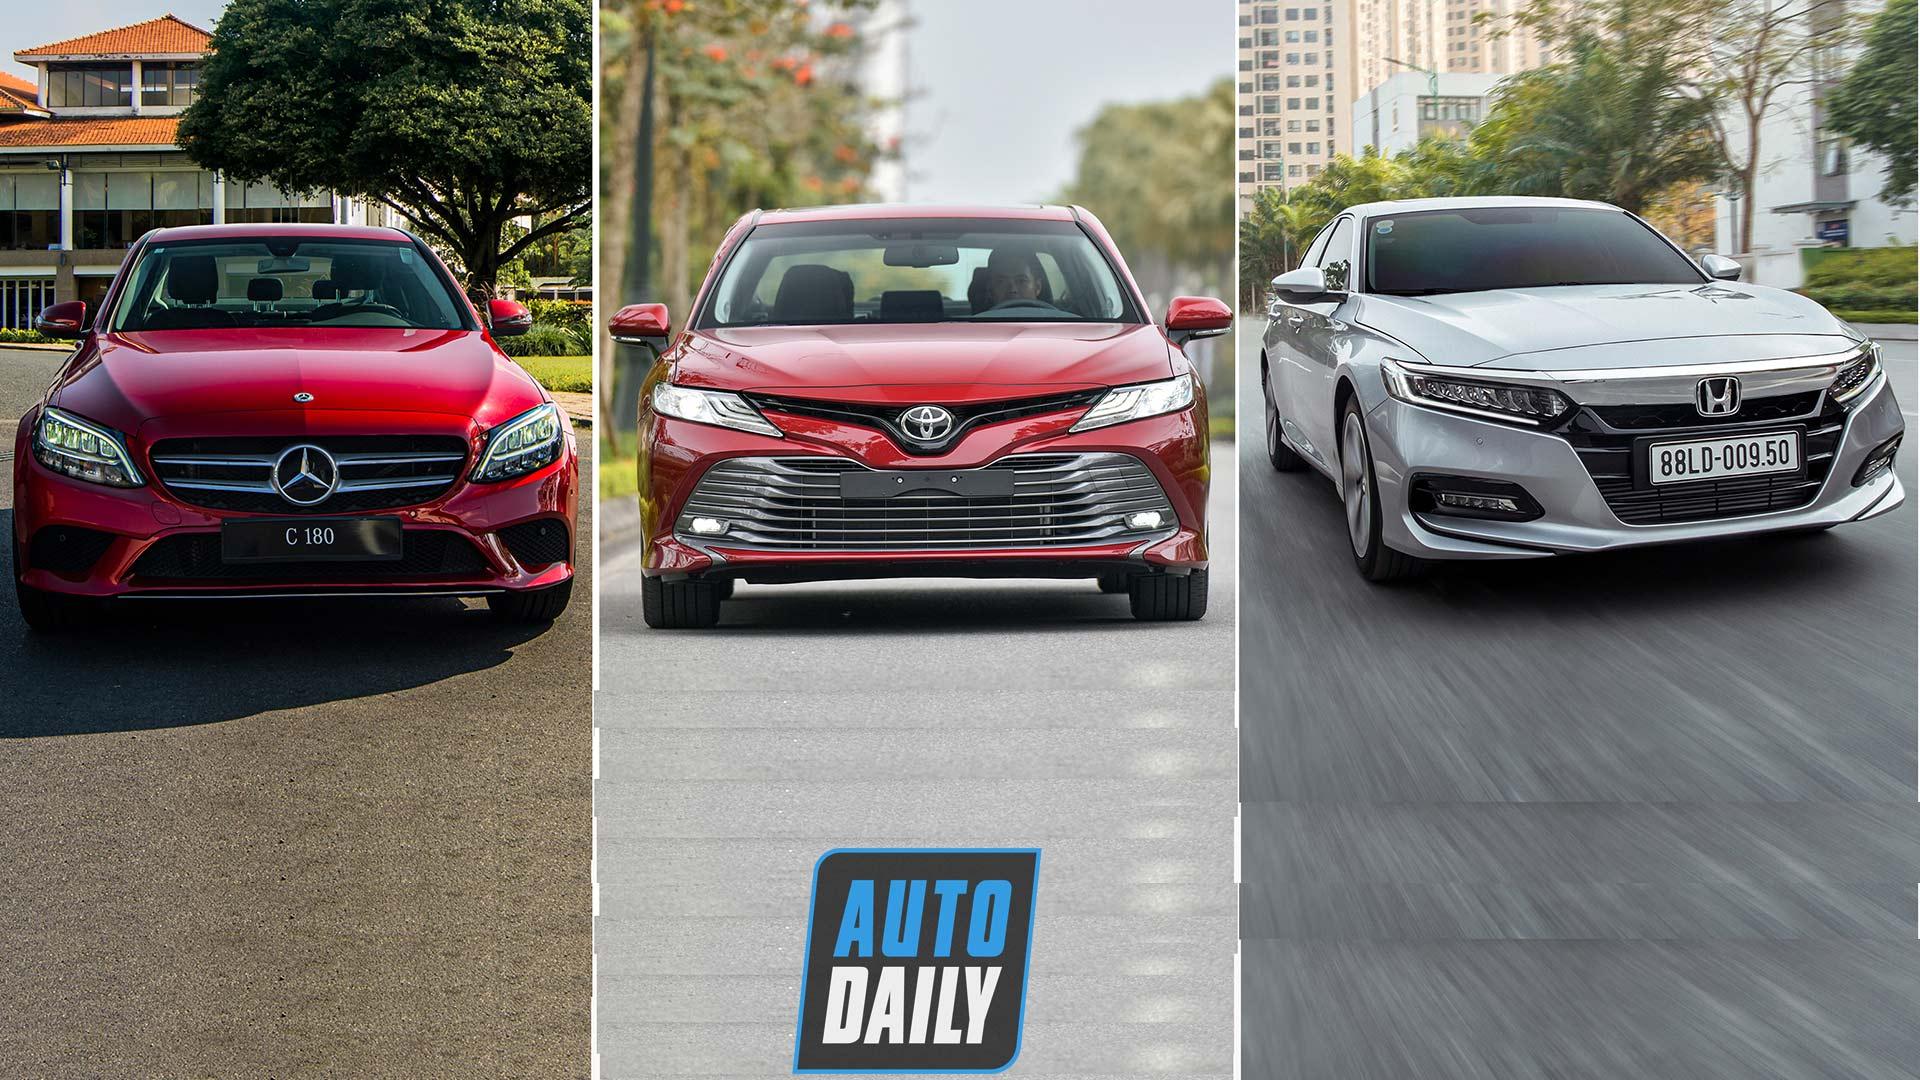 1,3 tỷ đồng, mua Mercedes C180 thay vì Toyota Camry hay Honda Accord?